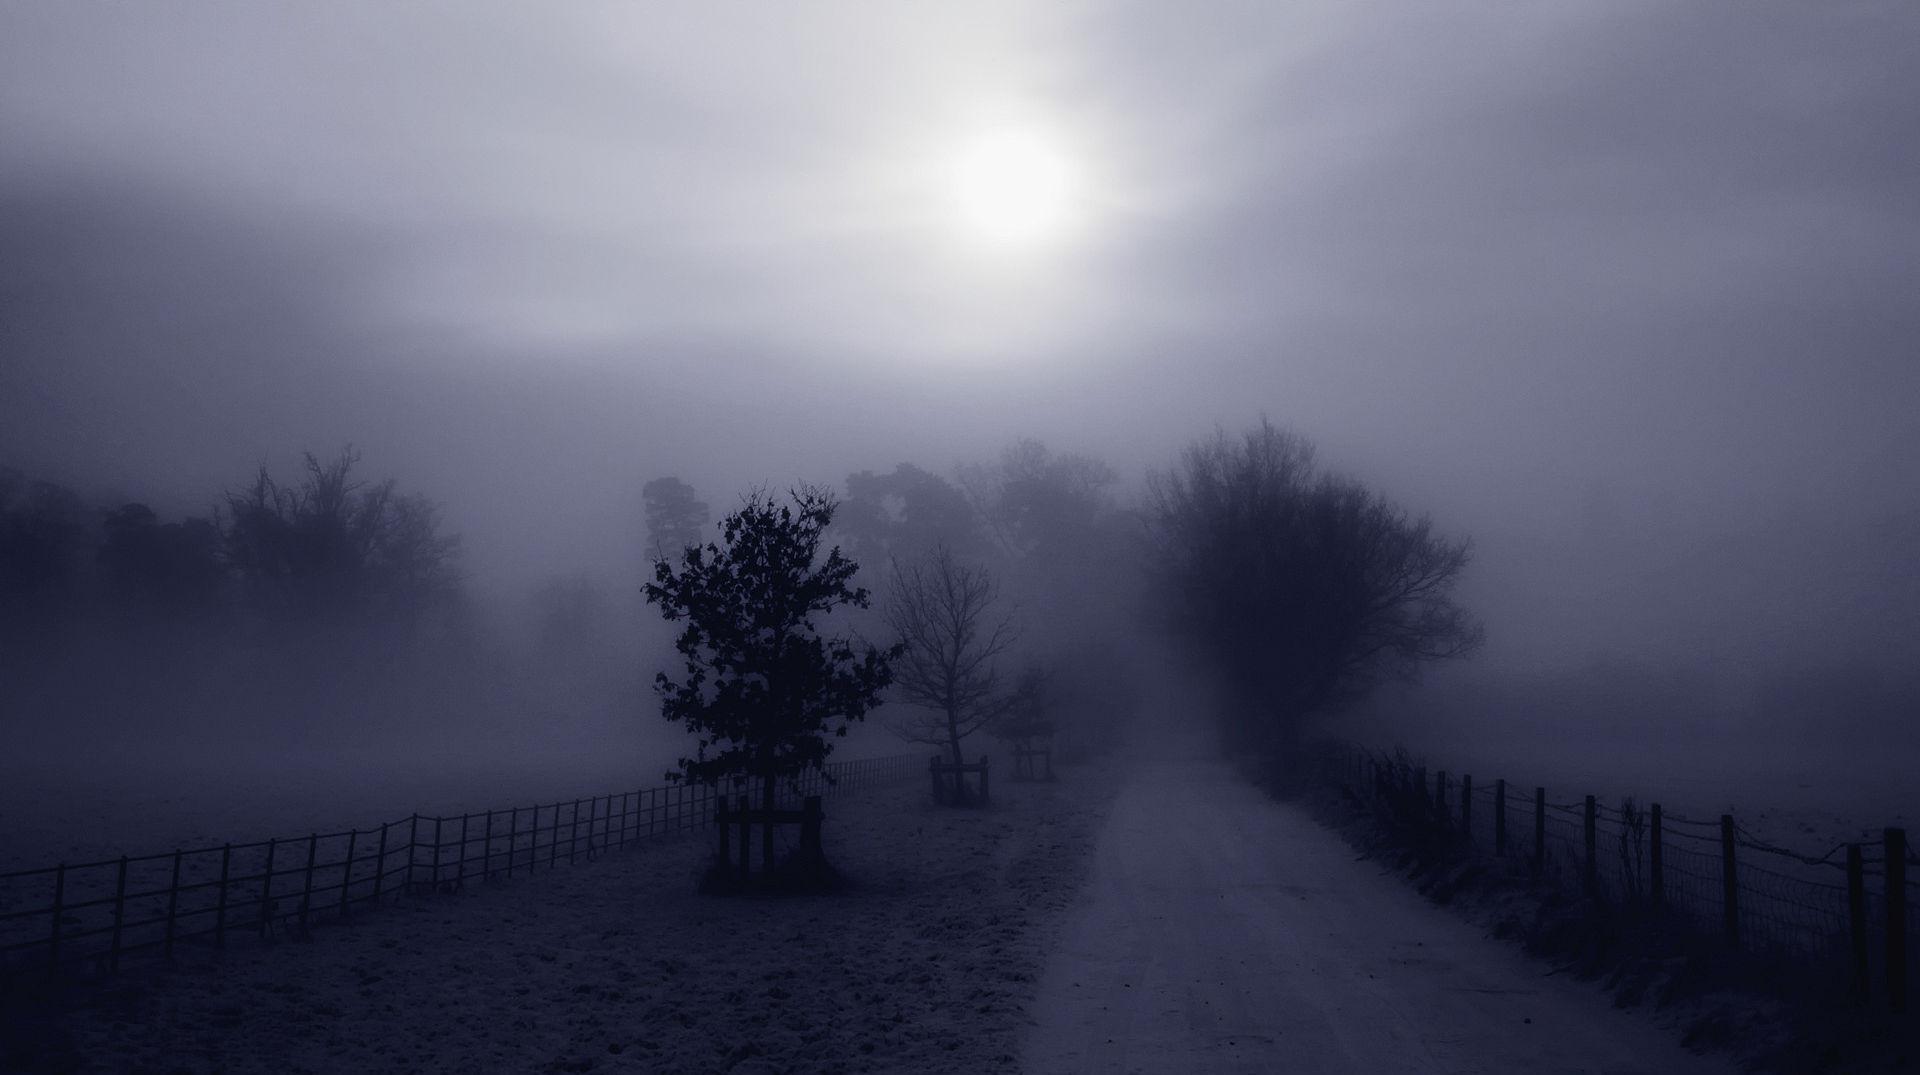 Fitta Nebbia Sul Campo. Guarda I Più Bei Sfondi Naturali